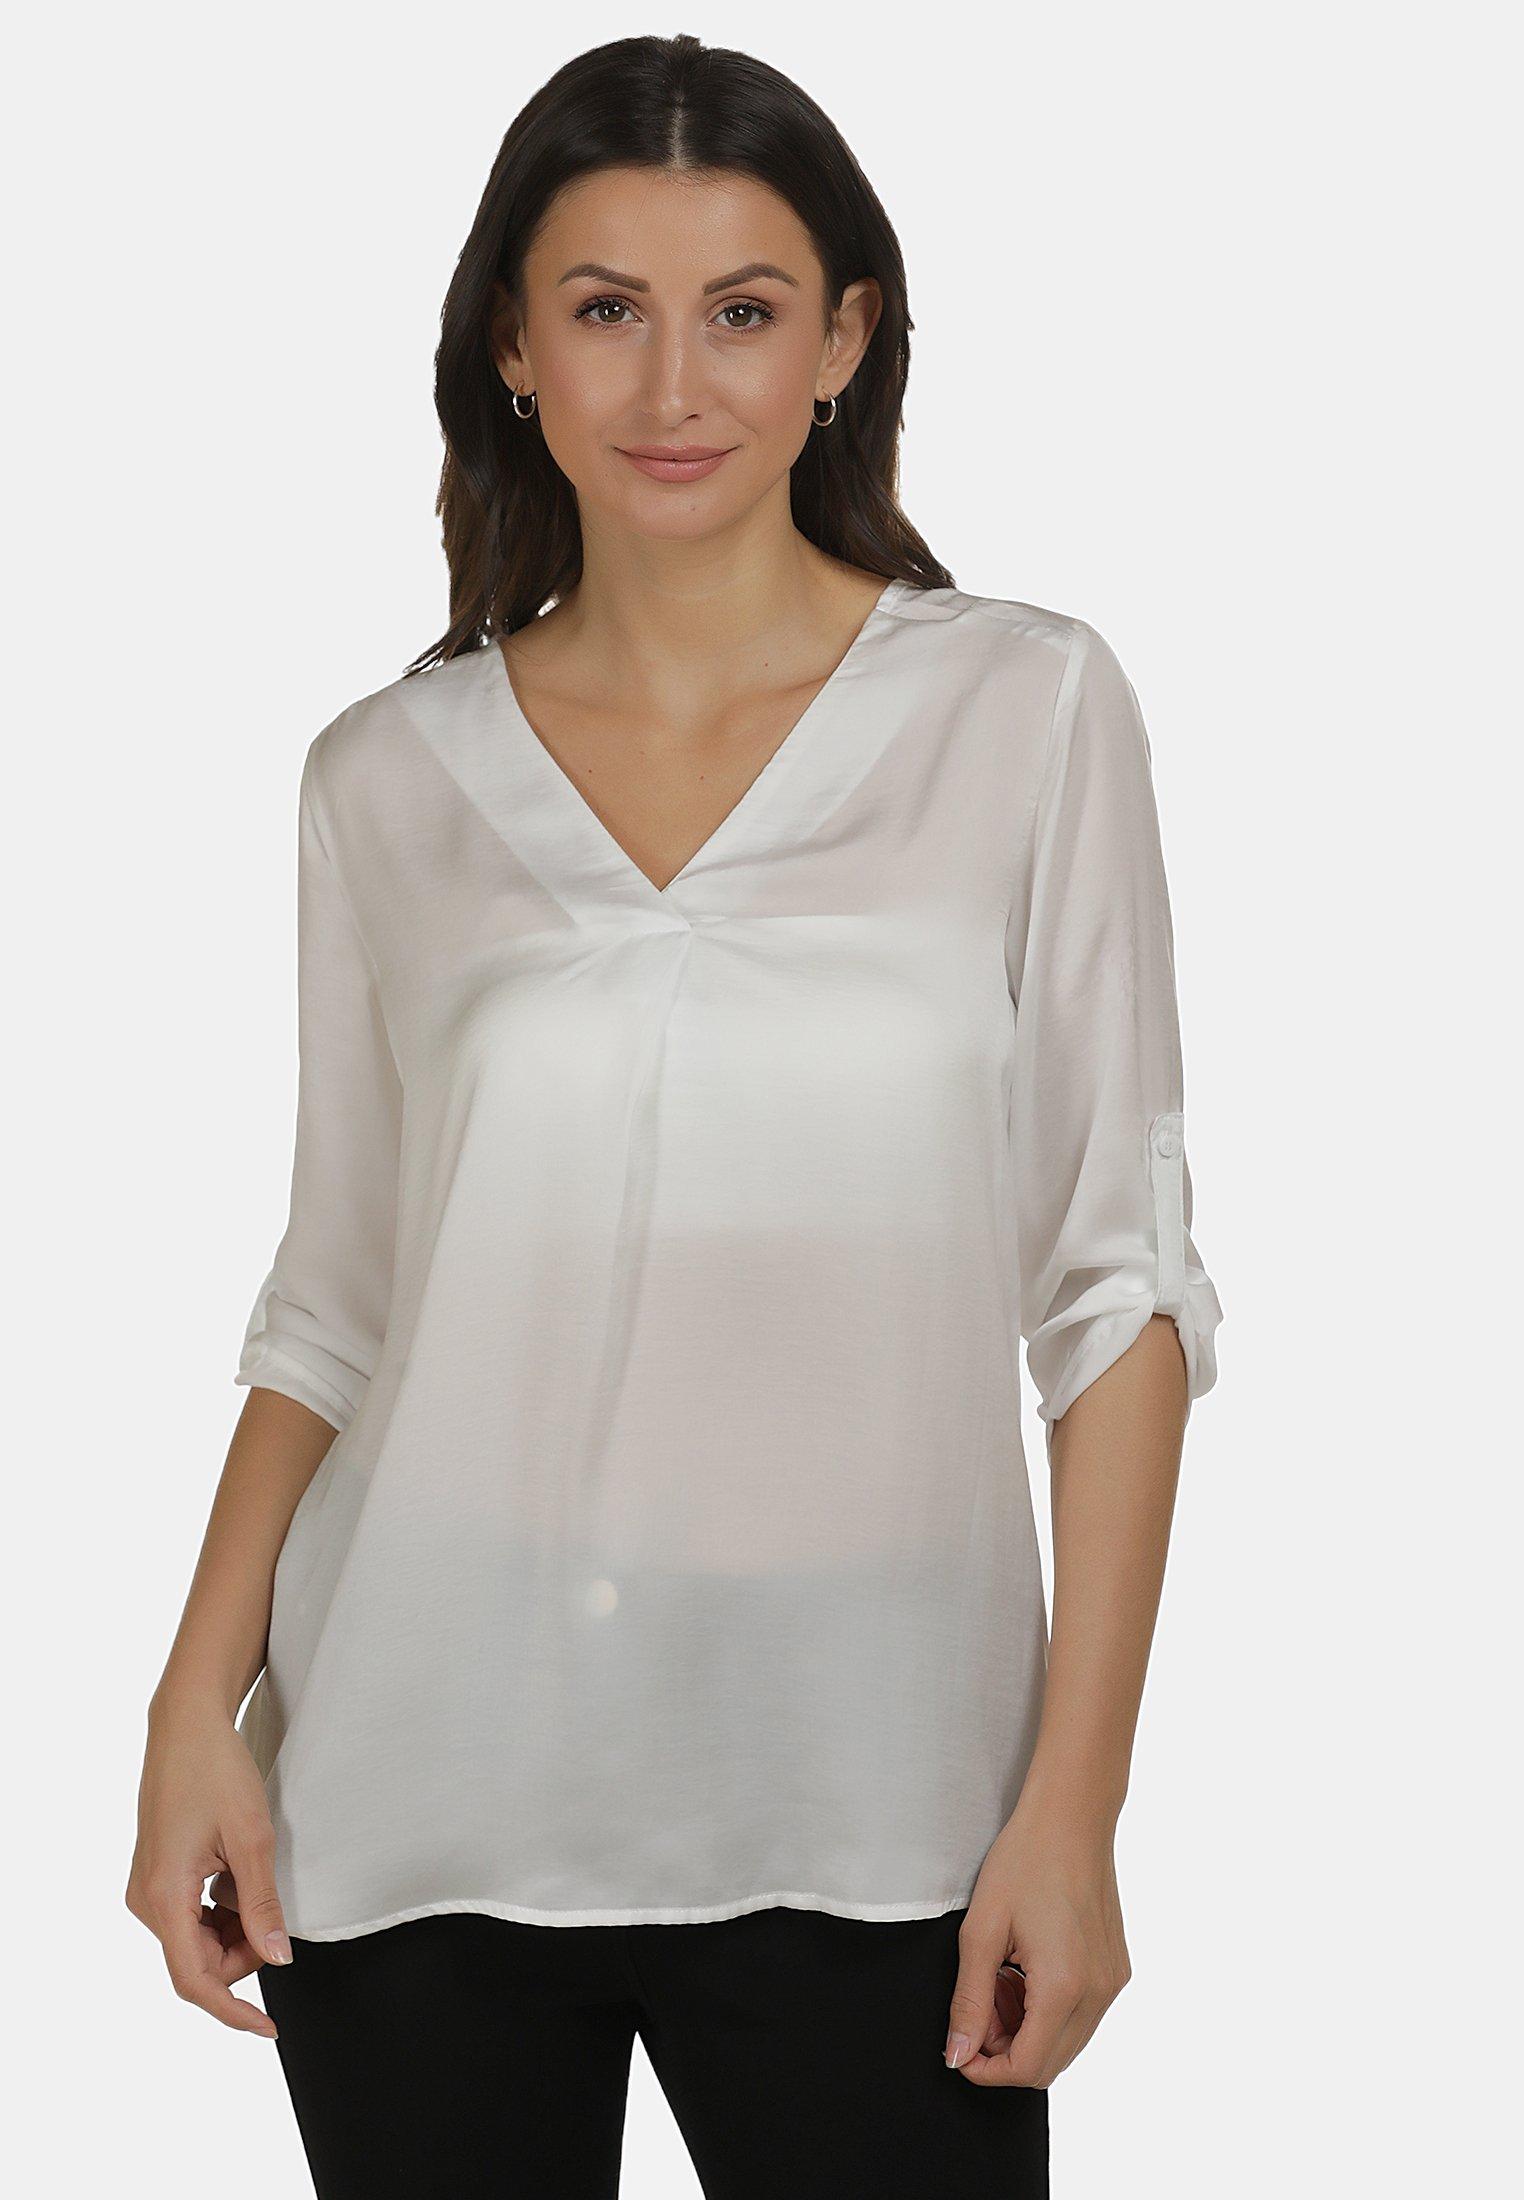 usha USHABLUSE - Blouse - weiss - Tops & T-shirts Femme mhO75